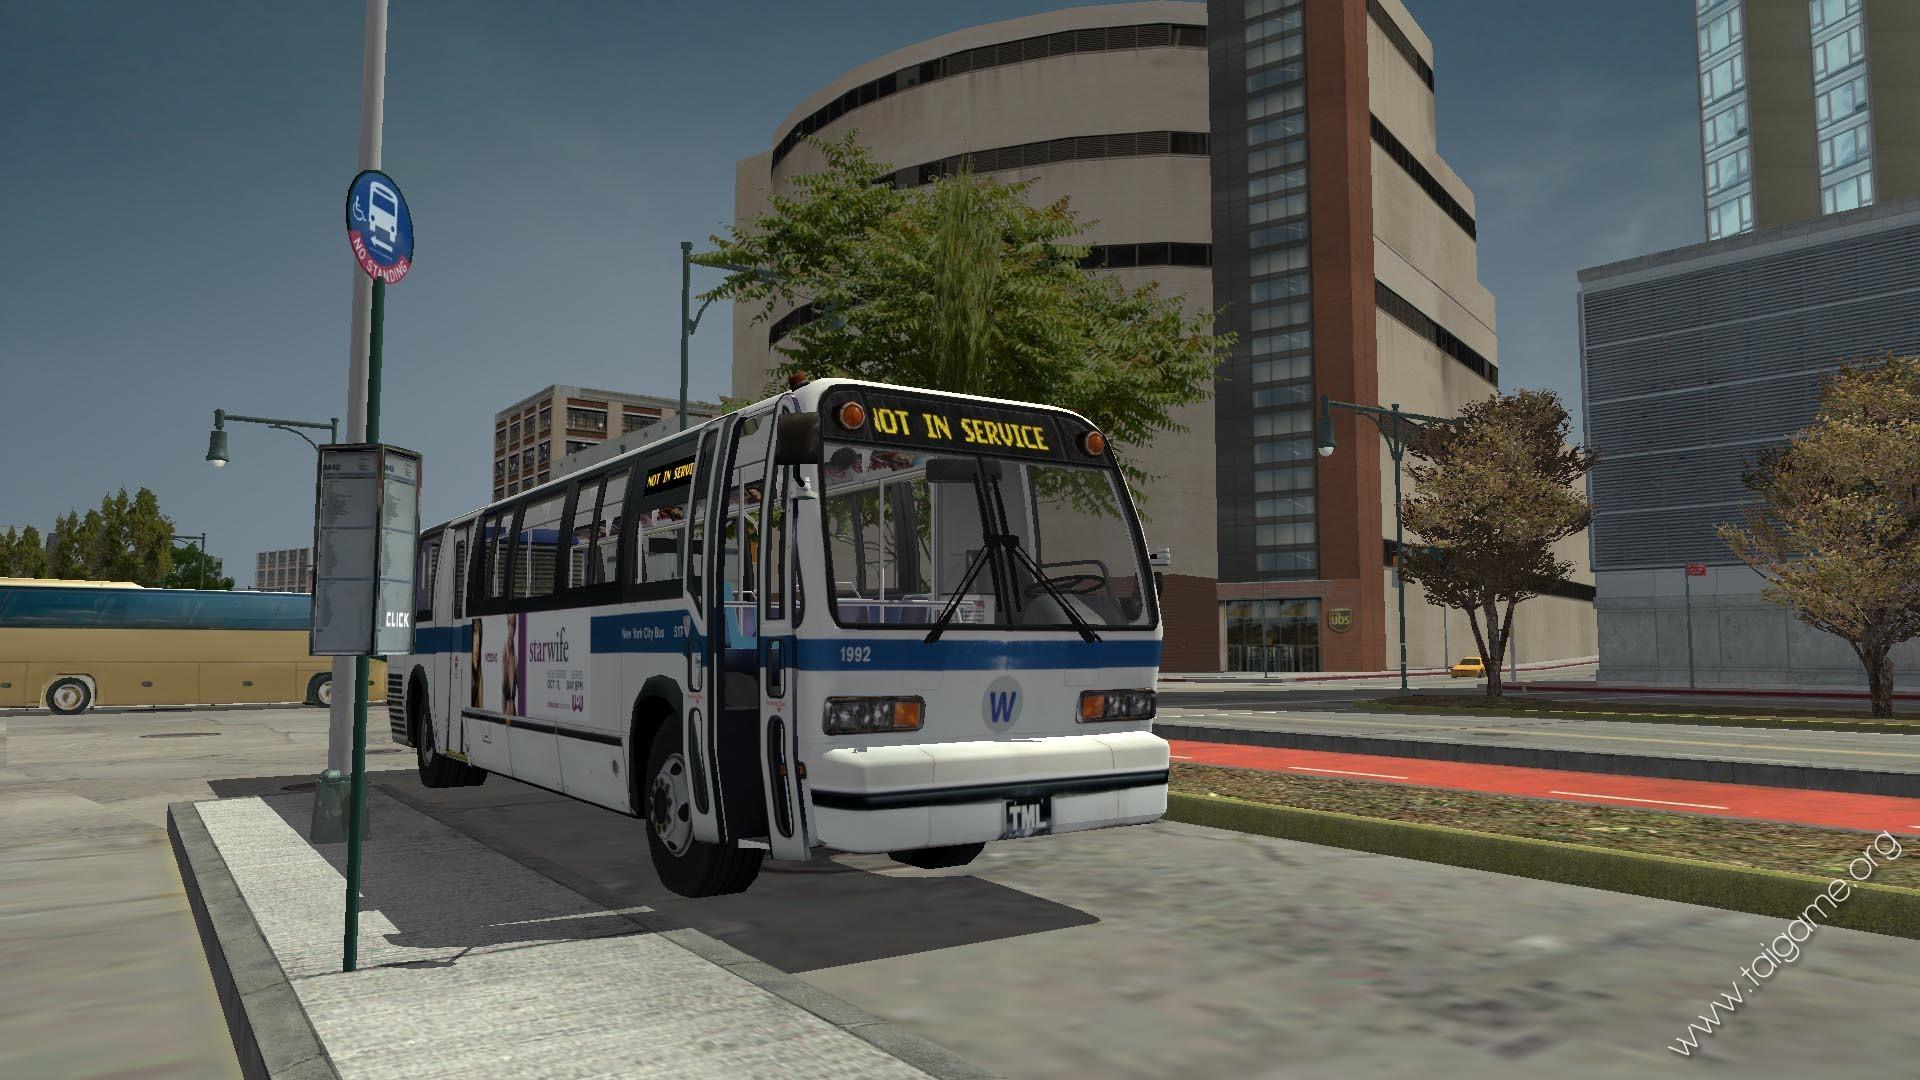 New York Bus Simulator City Bus Simulator New York Download Free Full Games Simulation Games